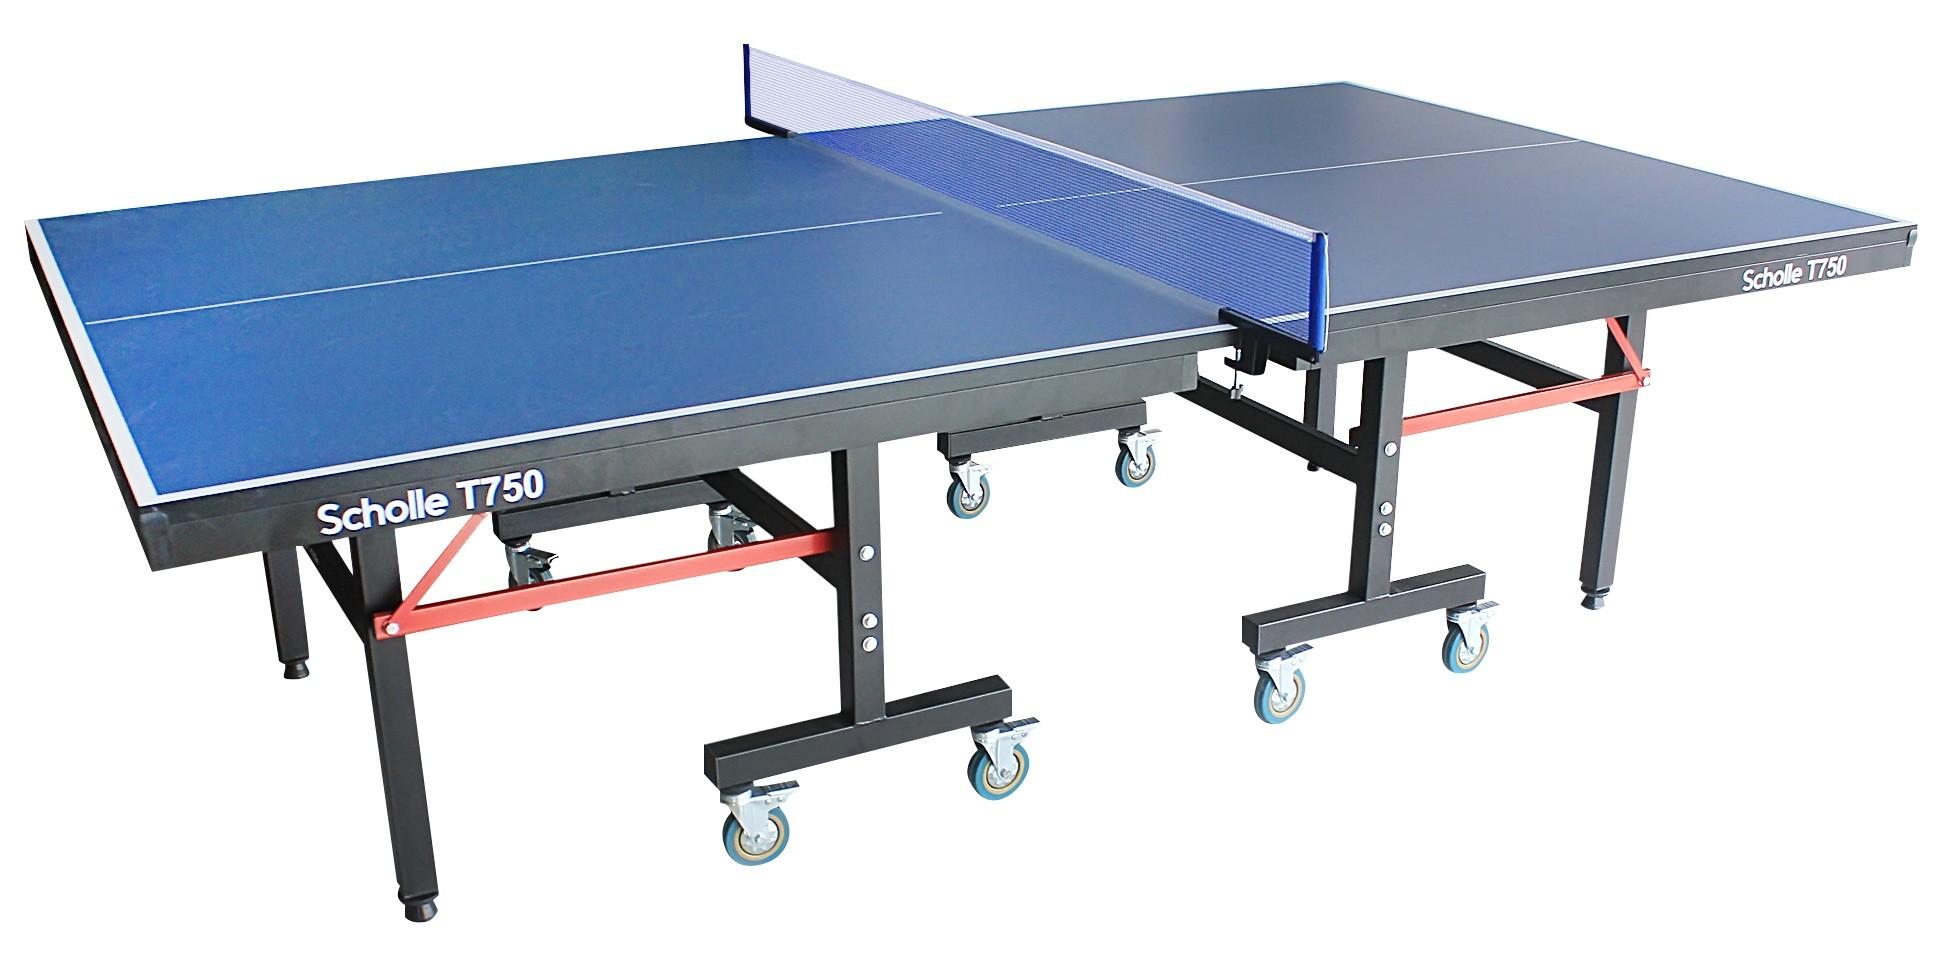 Стол для настольного тенниса Scholle T7…